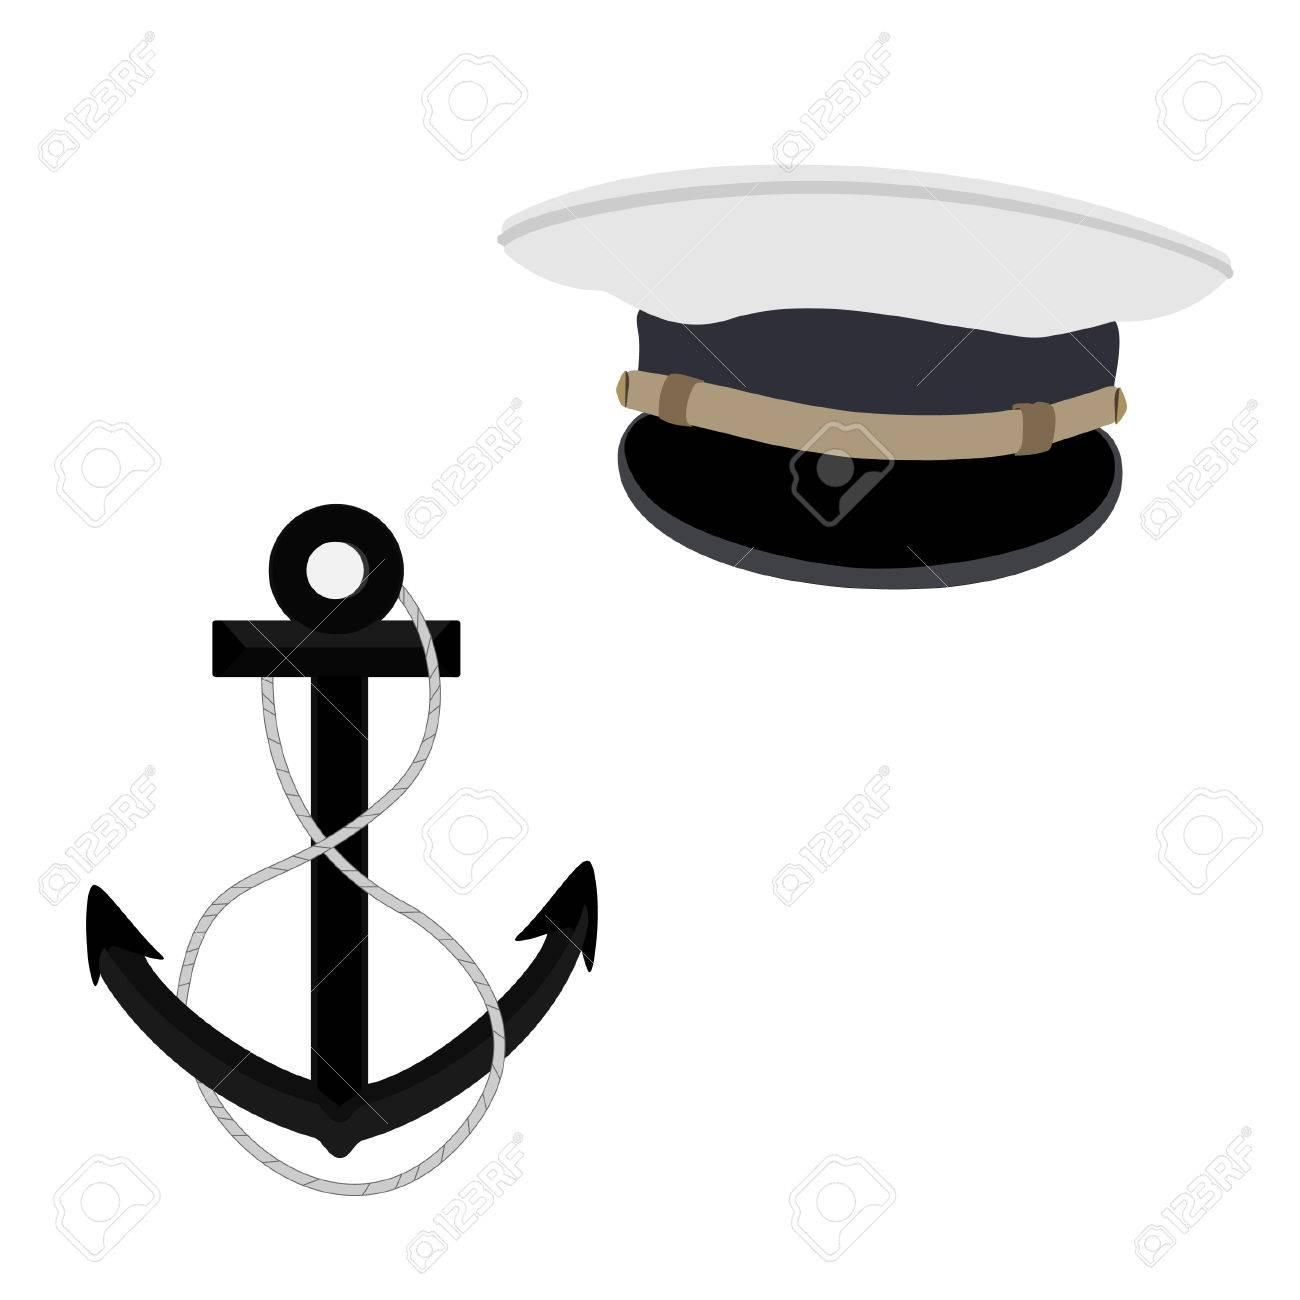 31a154512657f Navy